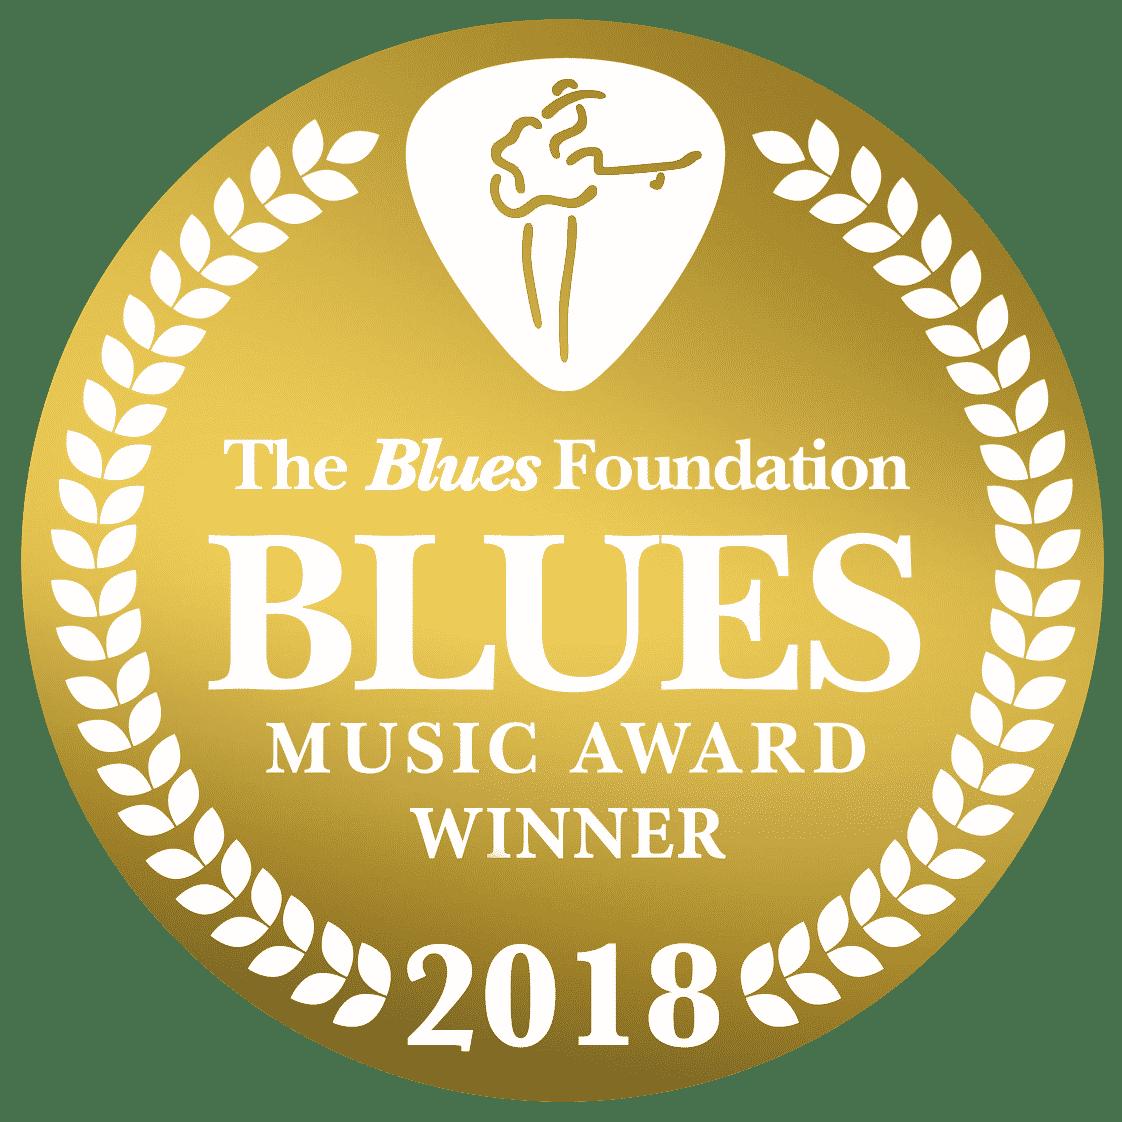 2018 Blues Music Award Winner Badge